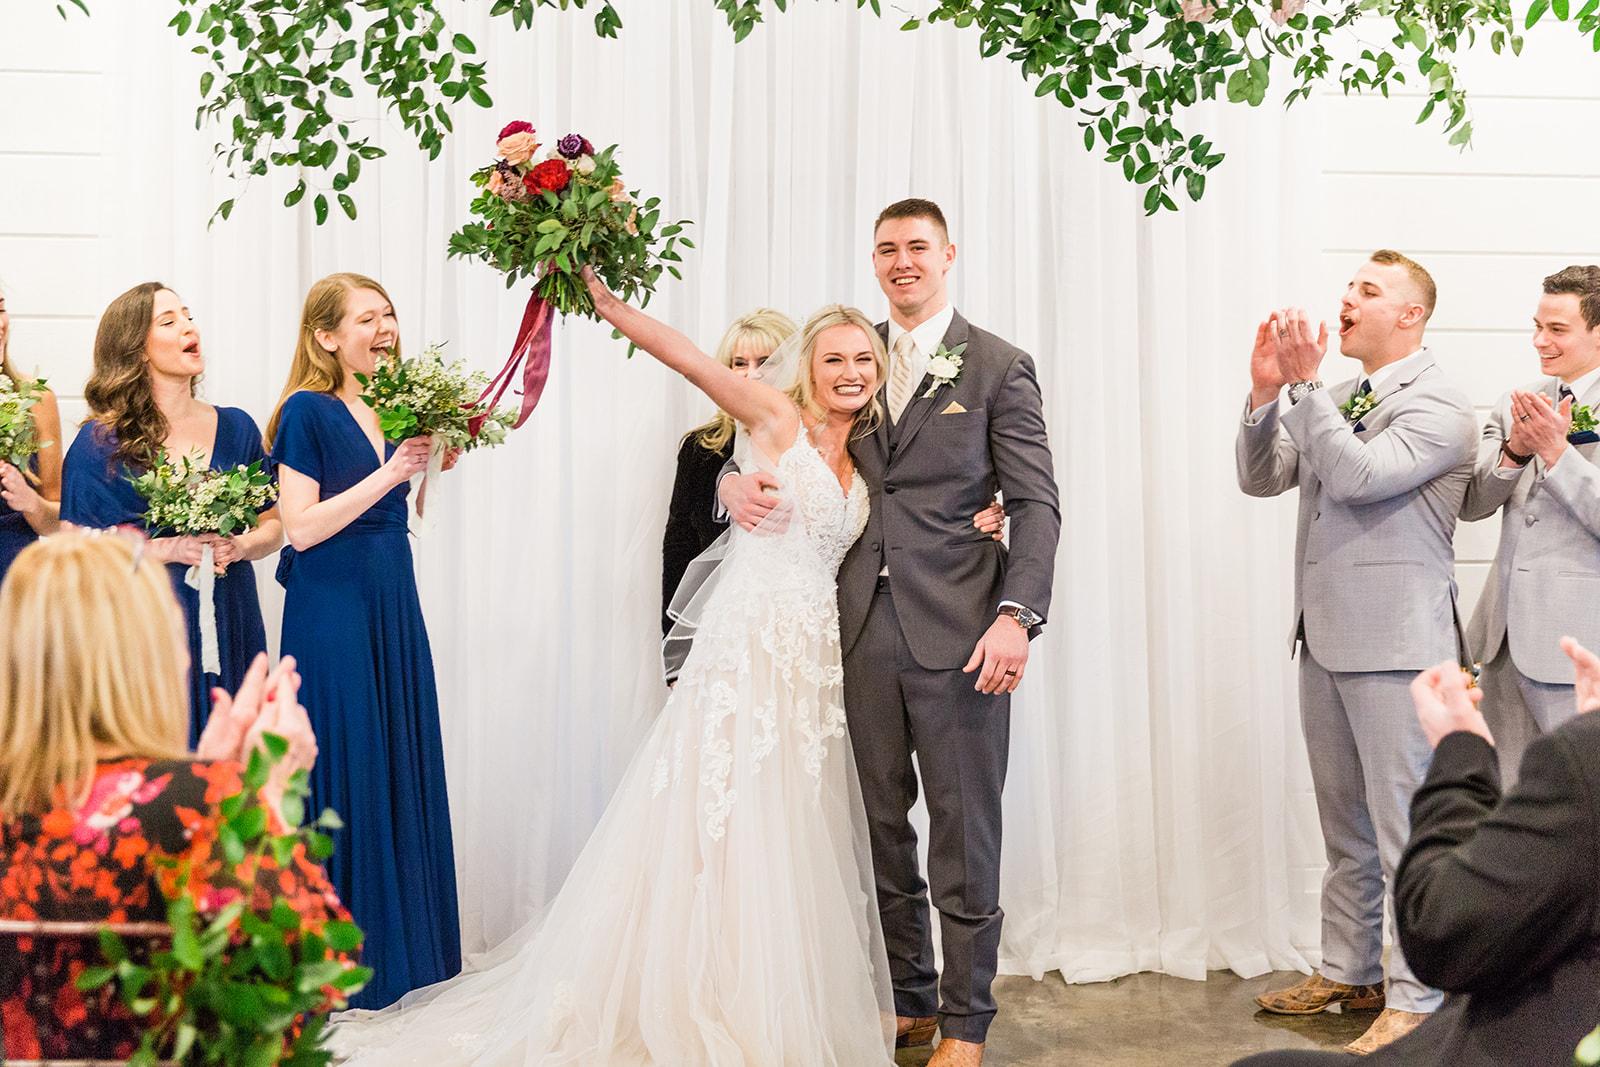 Bixby Tulsa Wedding Venues 32i.jpg